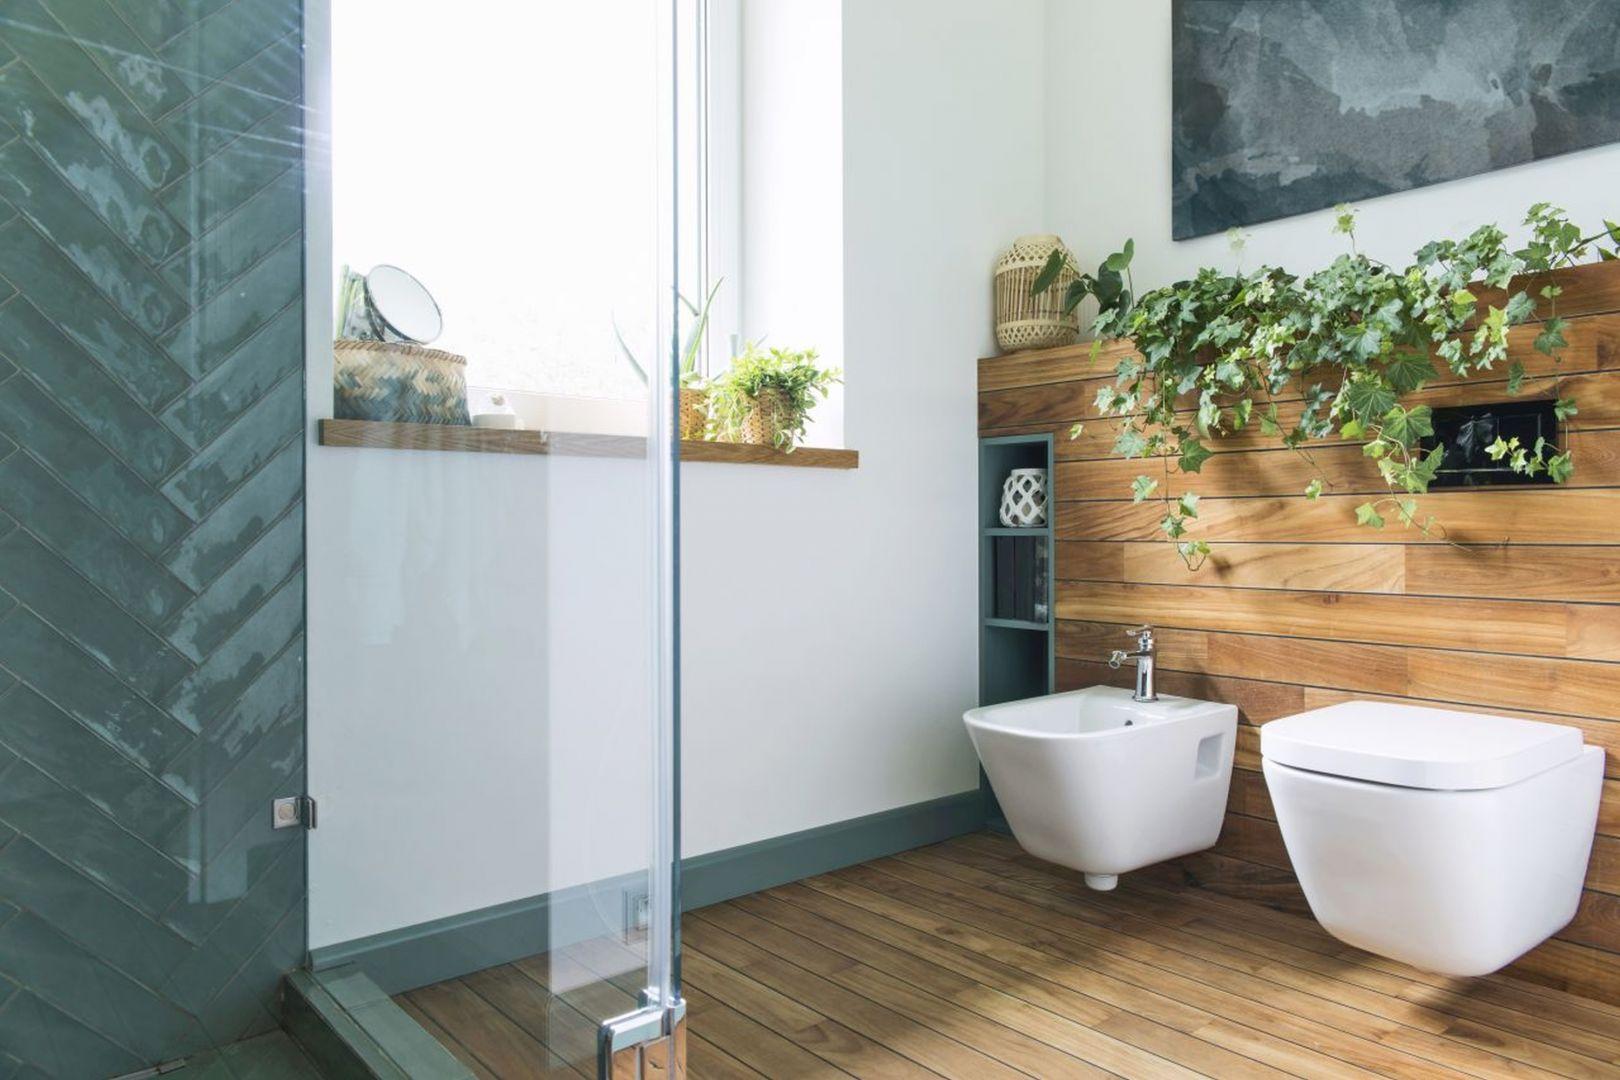 Natura w łazience, fot. 123rf.com